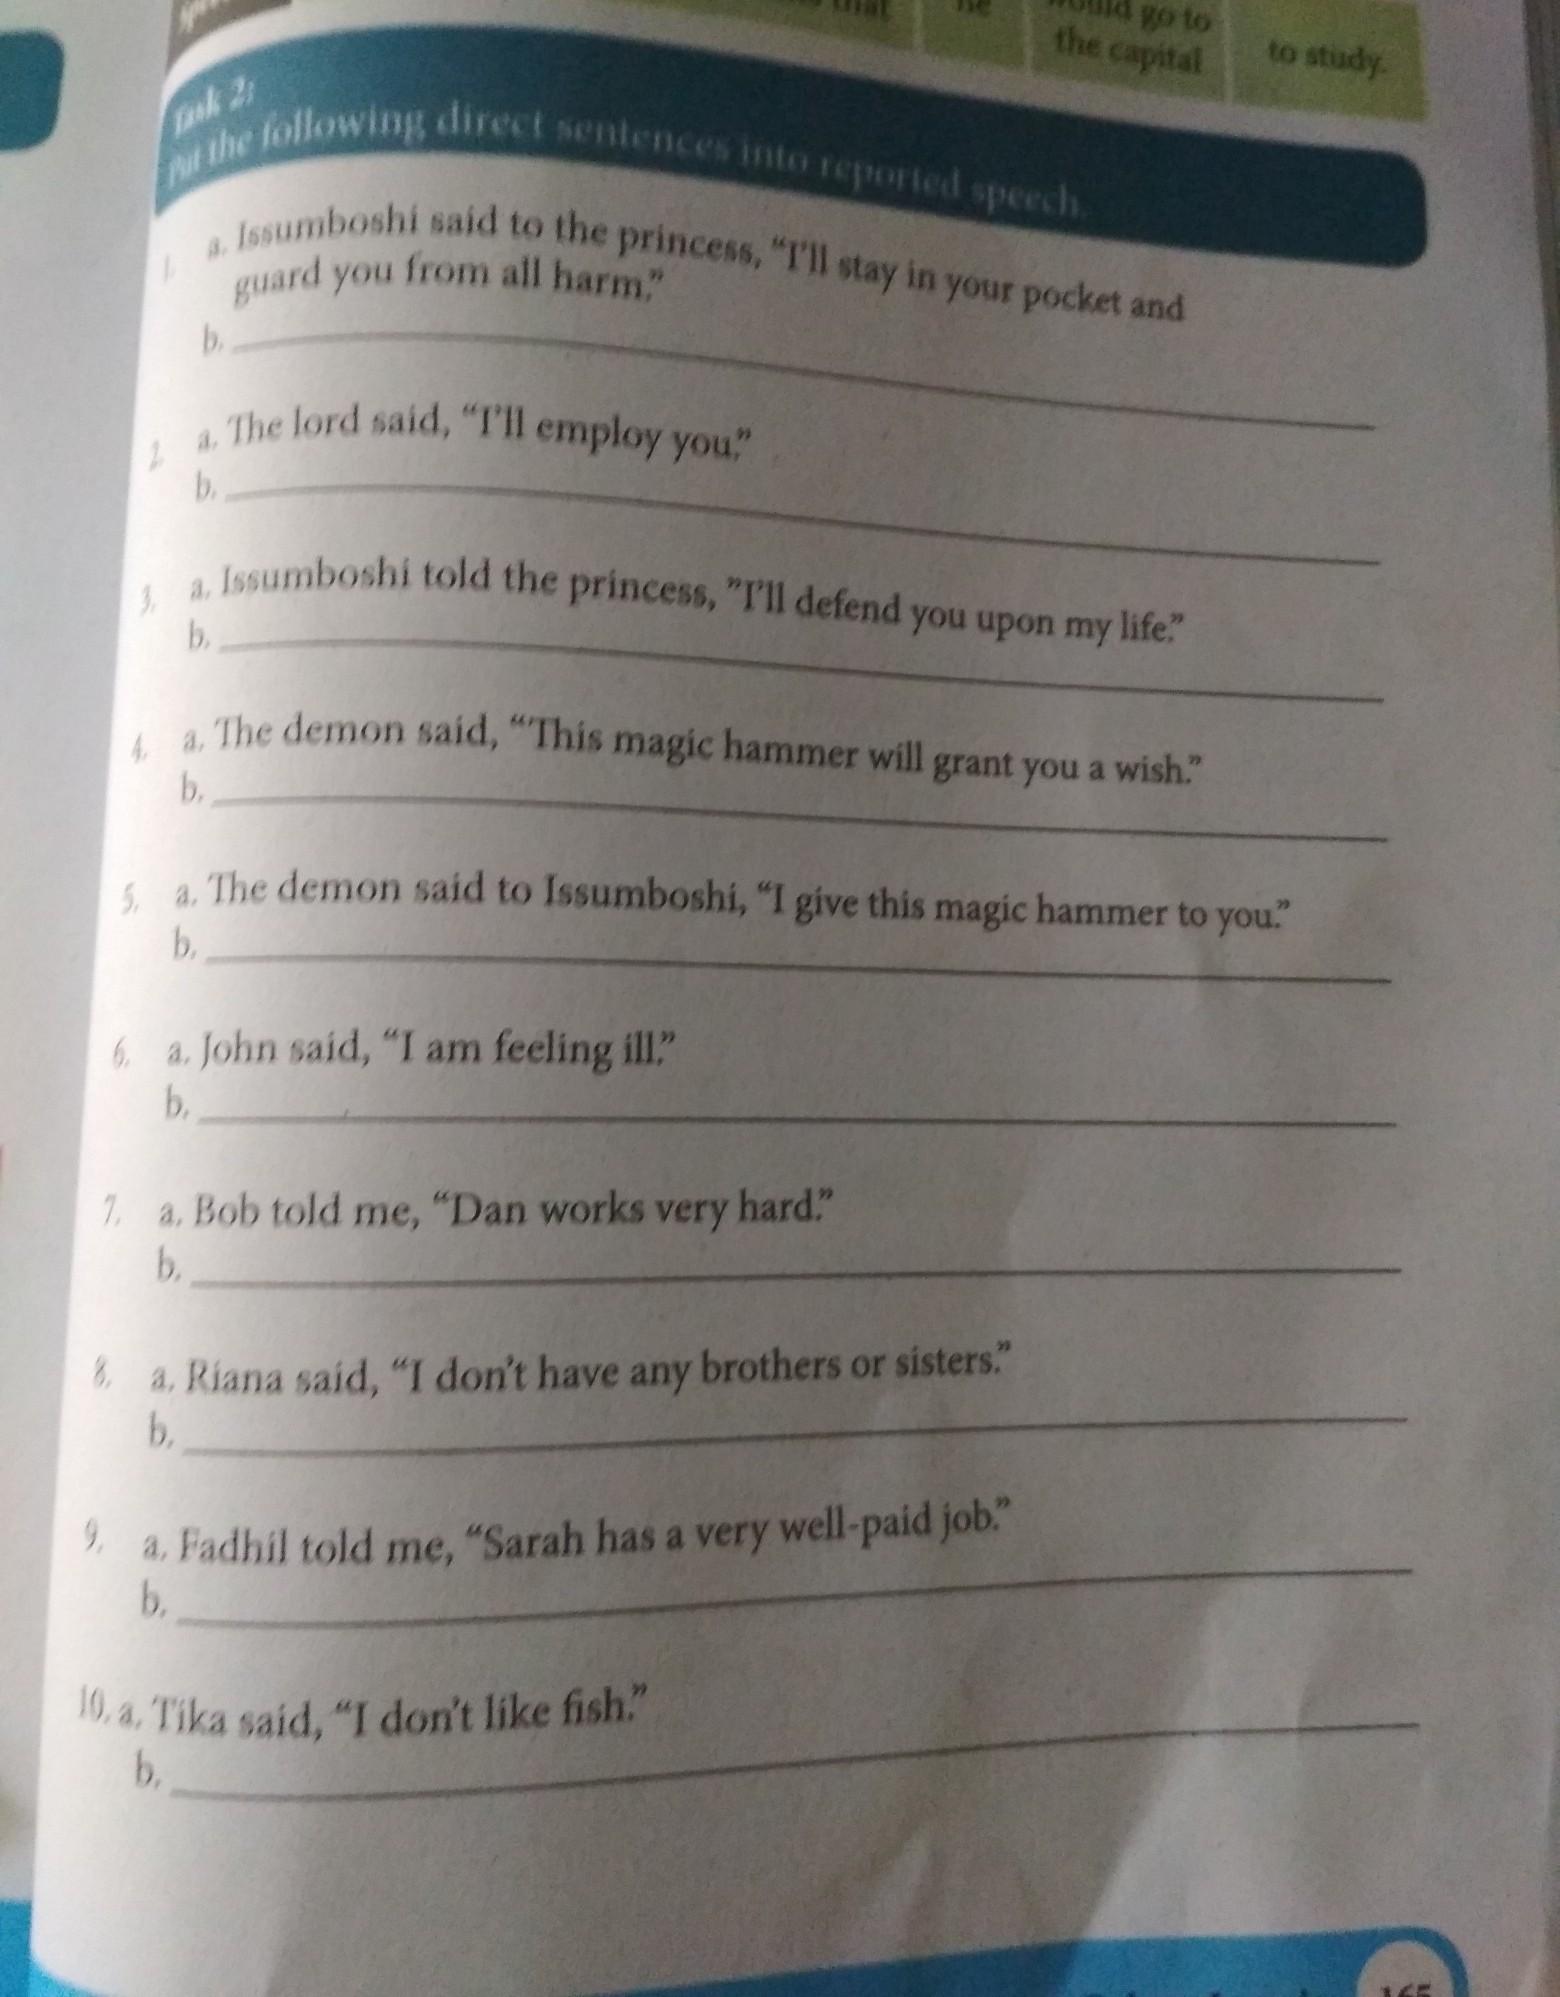 Jawaban Soal Bhs Inggris Paket Hal 165 Kelas X Kurikulum 2013 Brainly Co Id